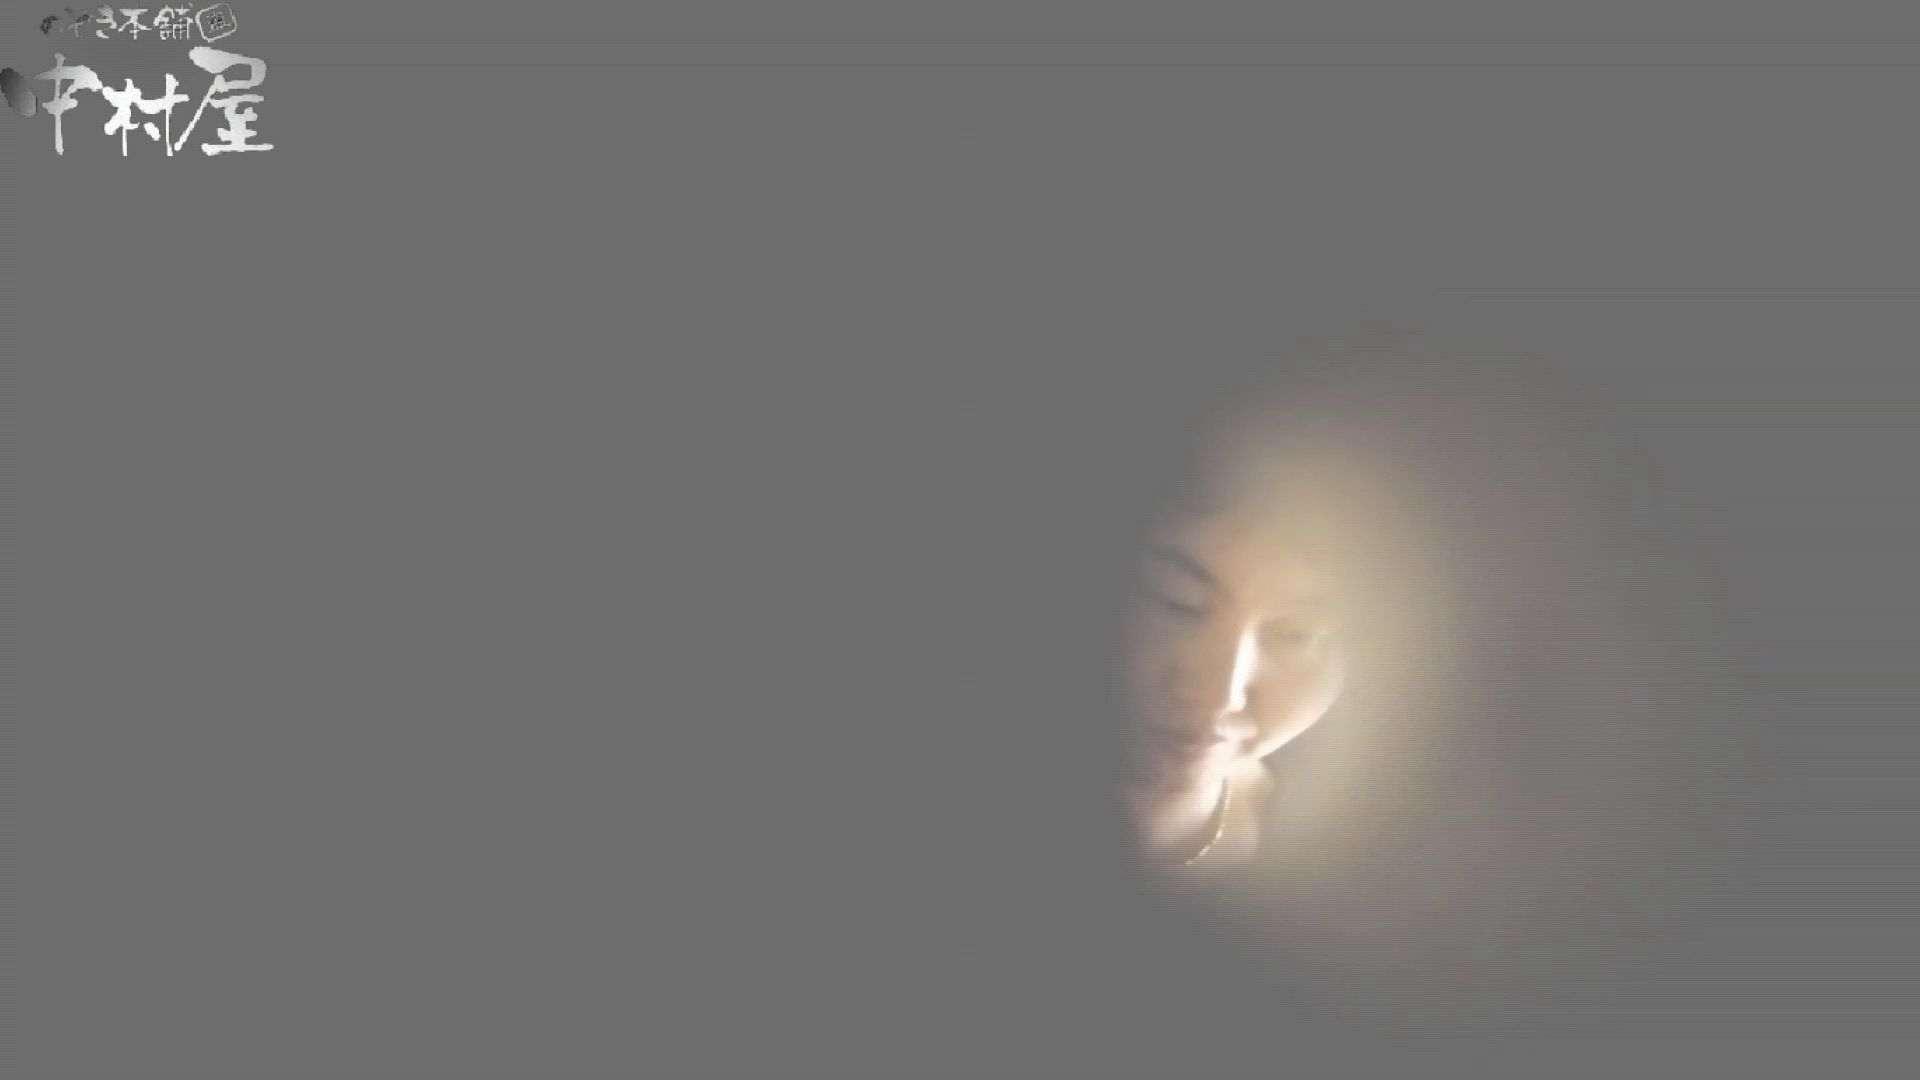 世界の射窓から~ステーション編~vol40 更に画質アップ!! OLエロ画像  57PICs 10